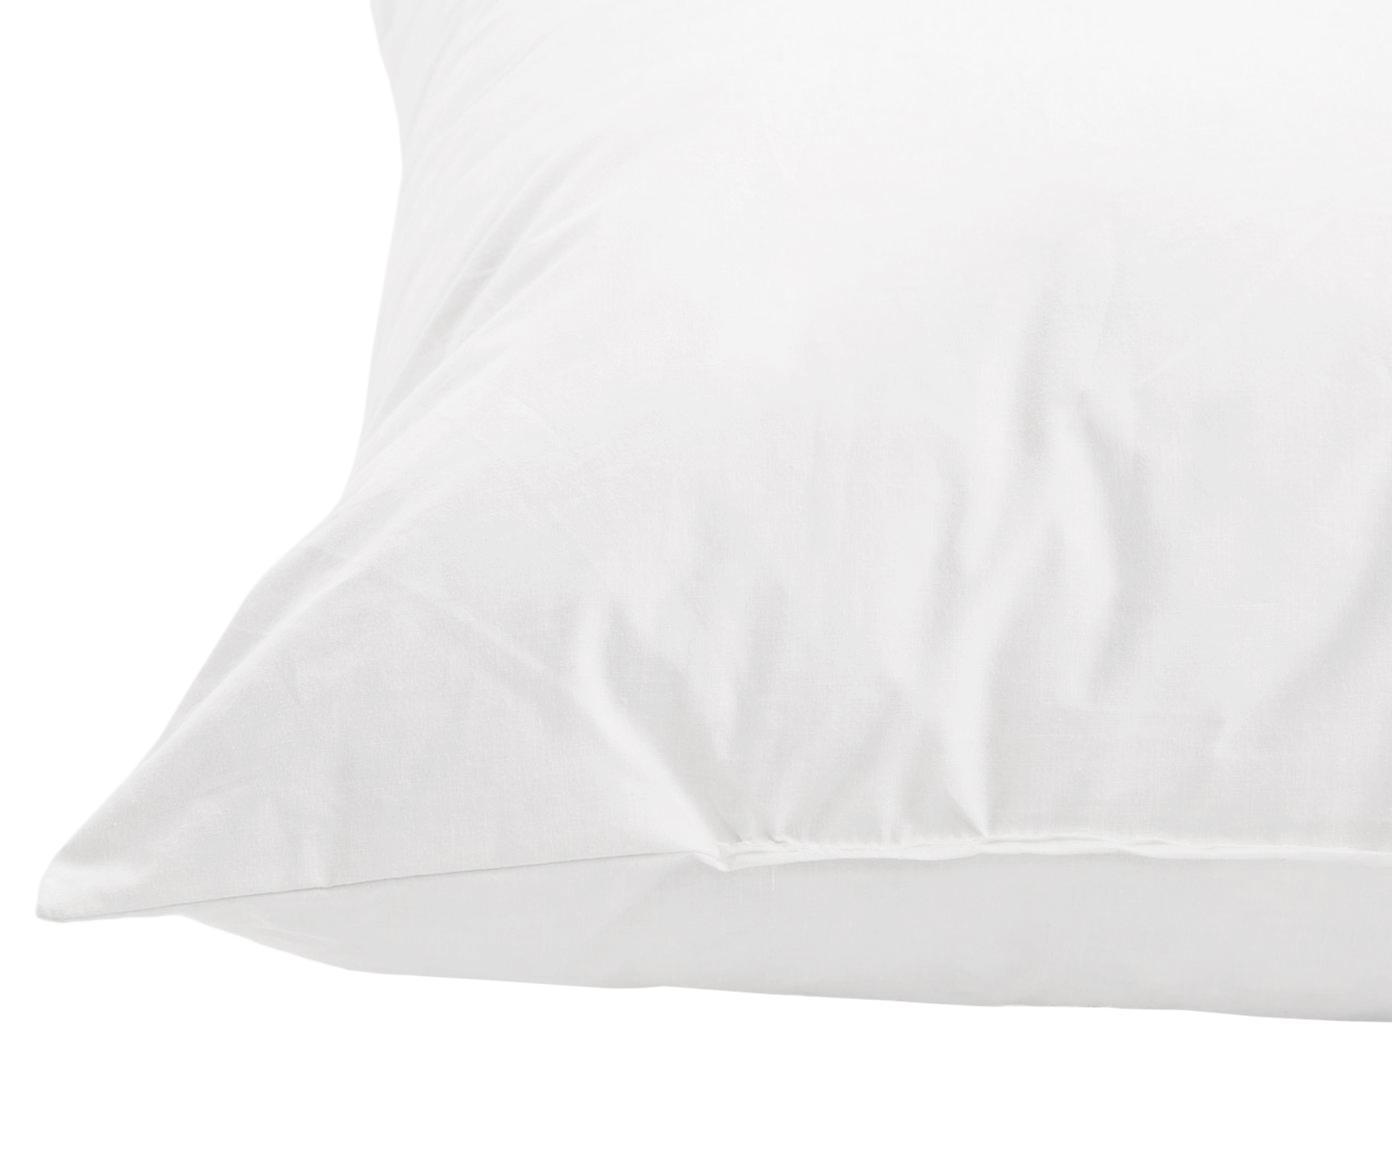 Imbottitura per cuscini Premium, 50 x 50, Bianco, Larg. 50 x Lung. 50 cm